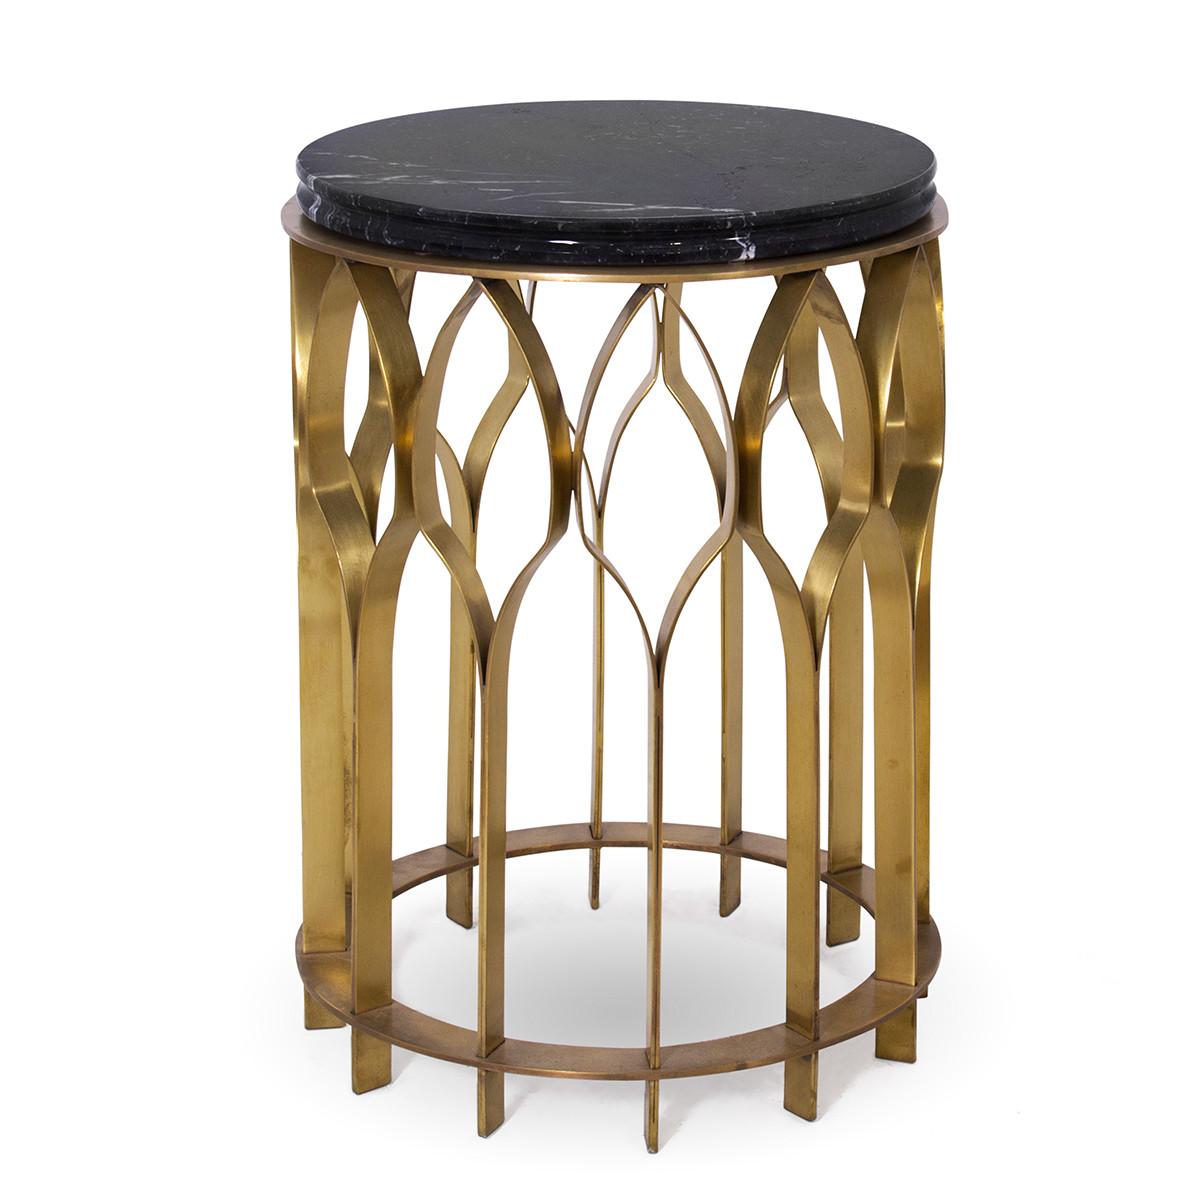 Brabbu mecca ii designer beistelltisch mit marmorplatte for Designer beistelltisch